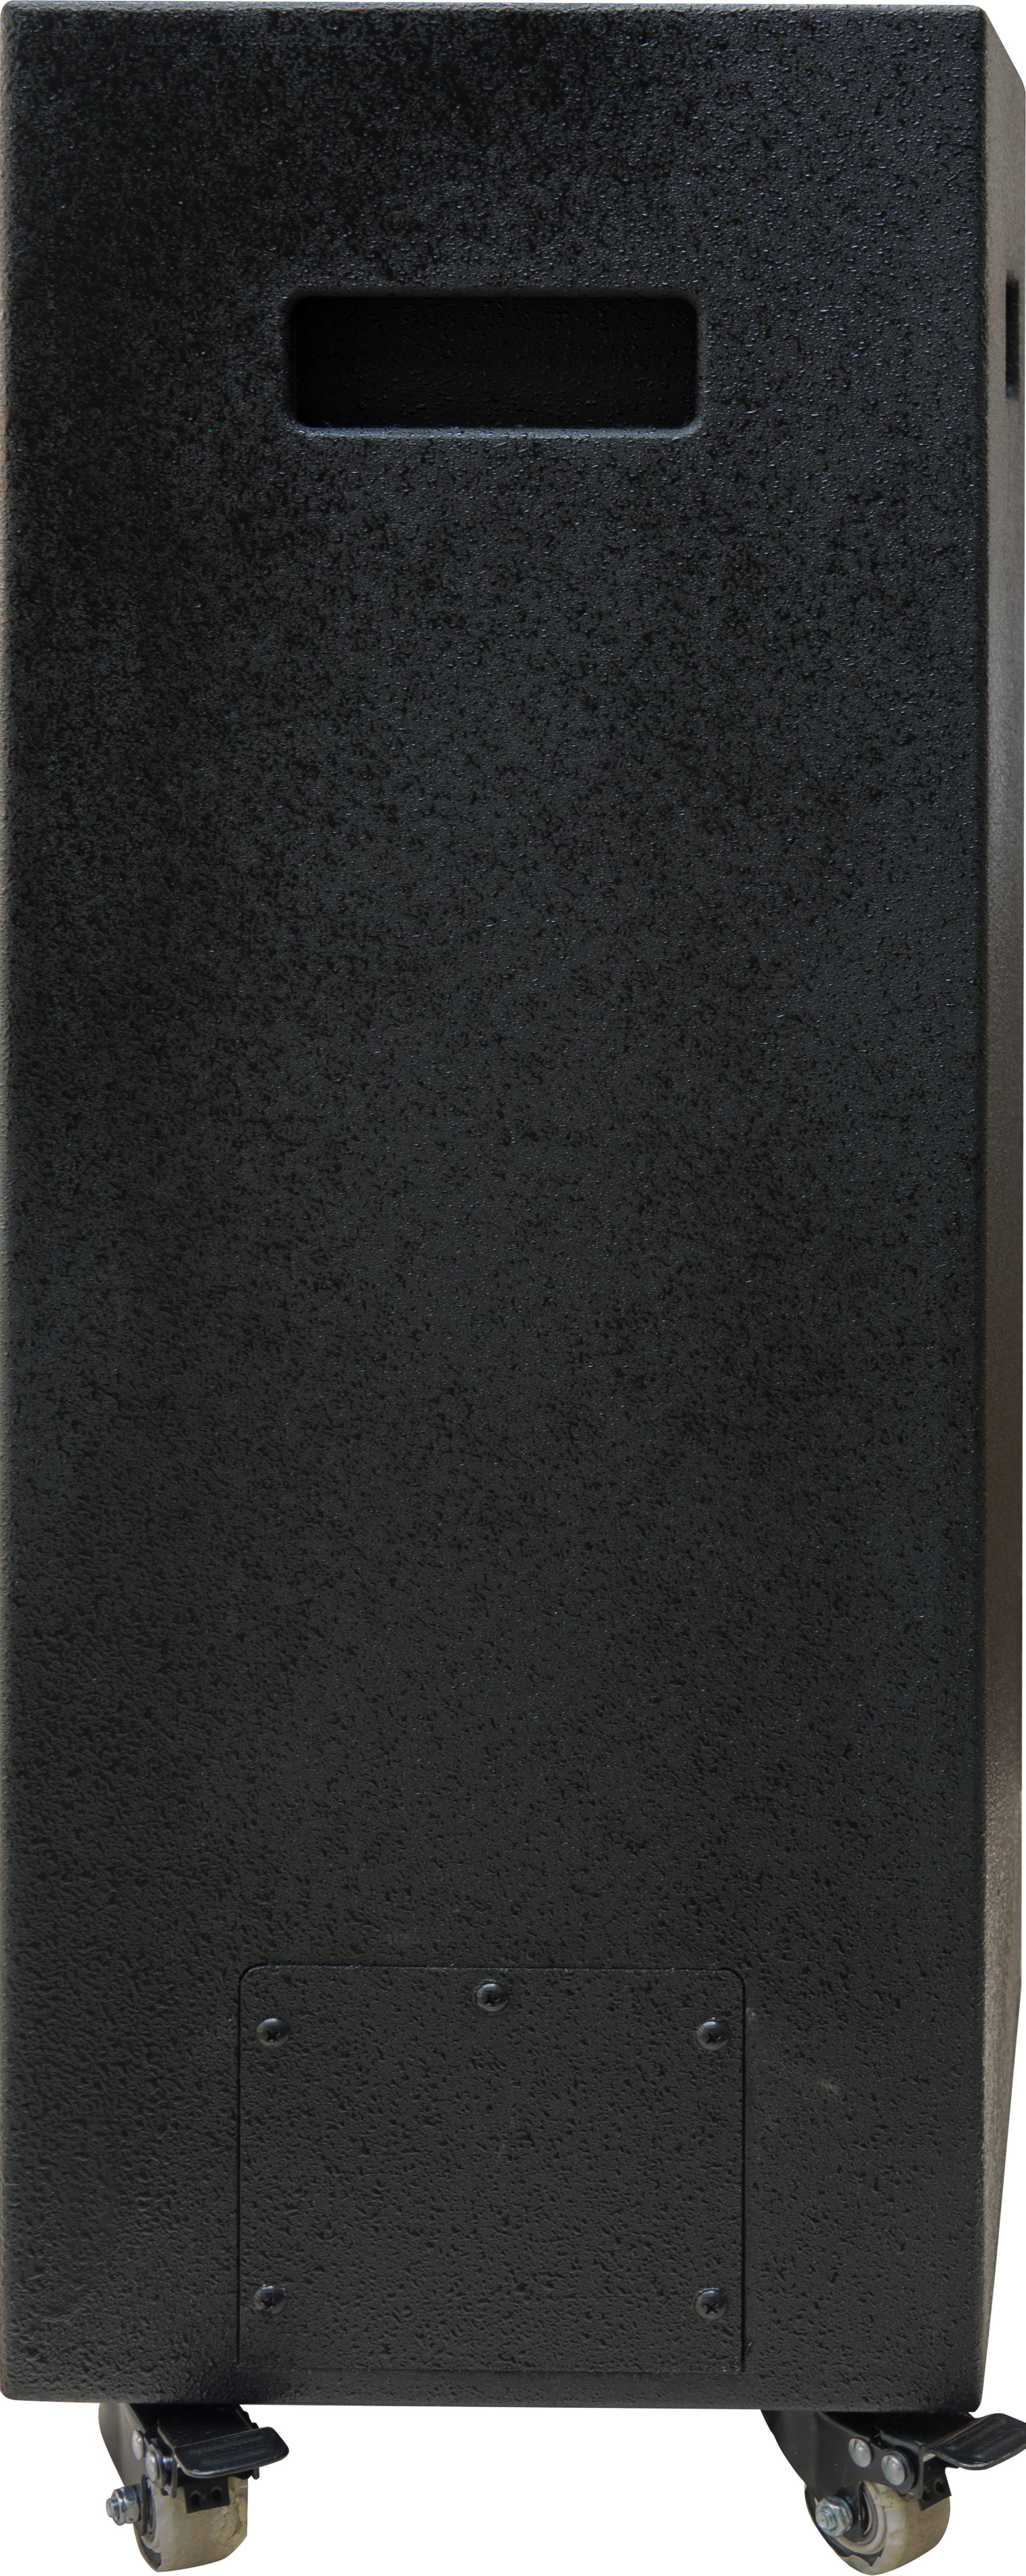 Loa kéo Acnos CB2521 Bluetooth, 2 bass 2.5 tấc gỗ - Chính Hãng Acnos